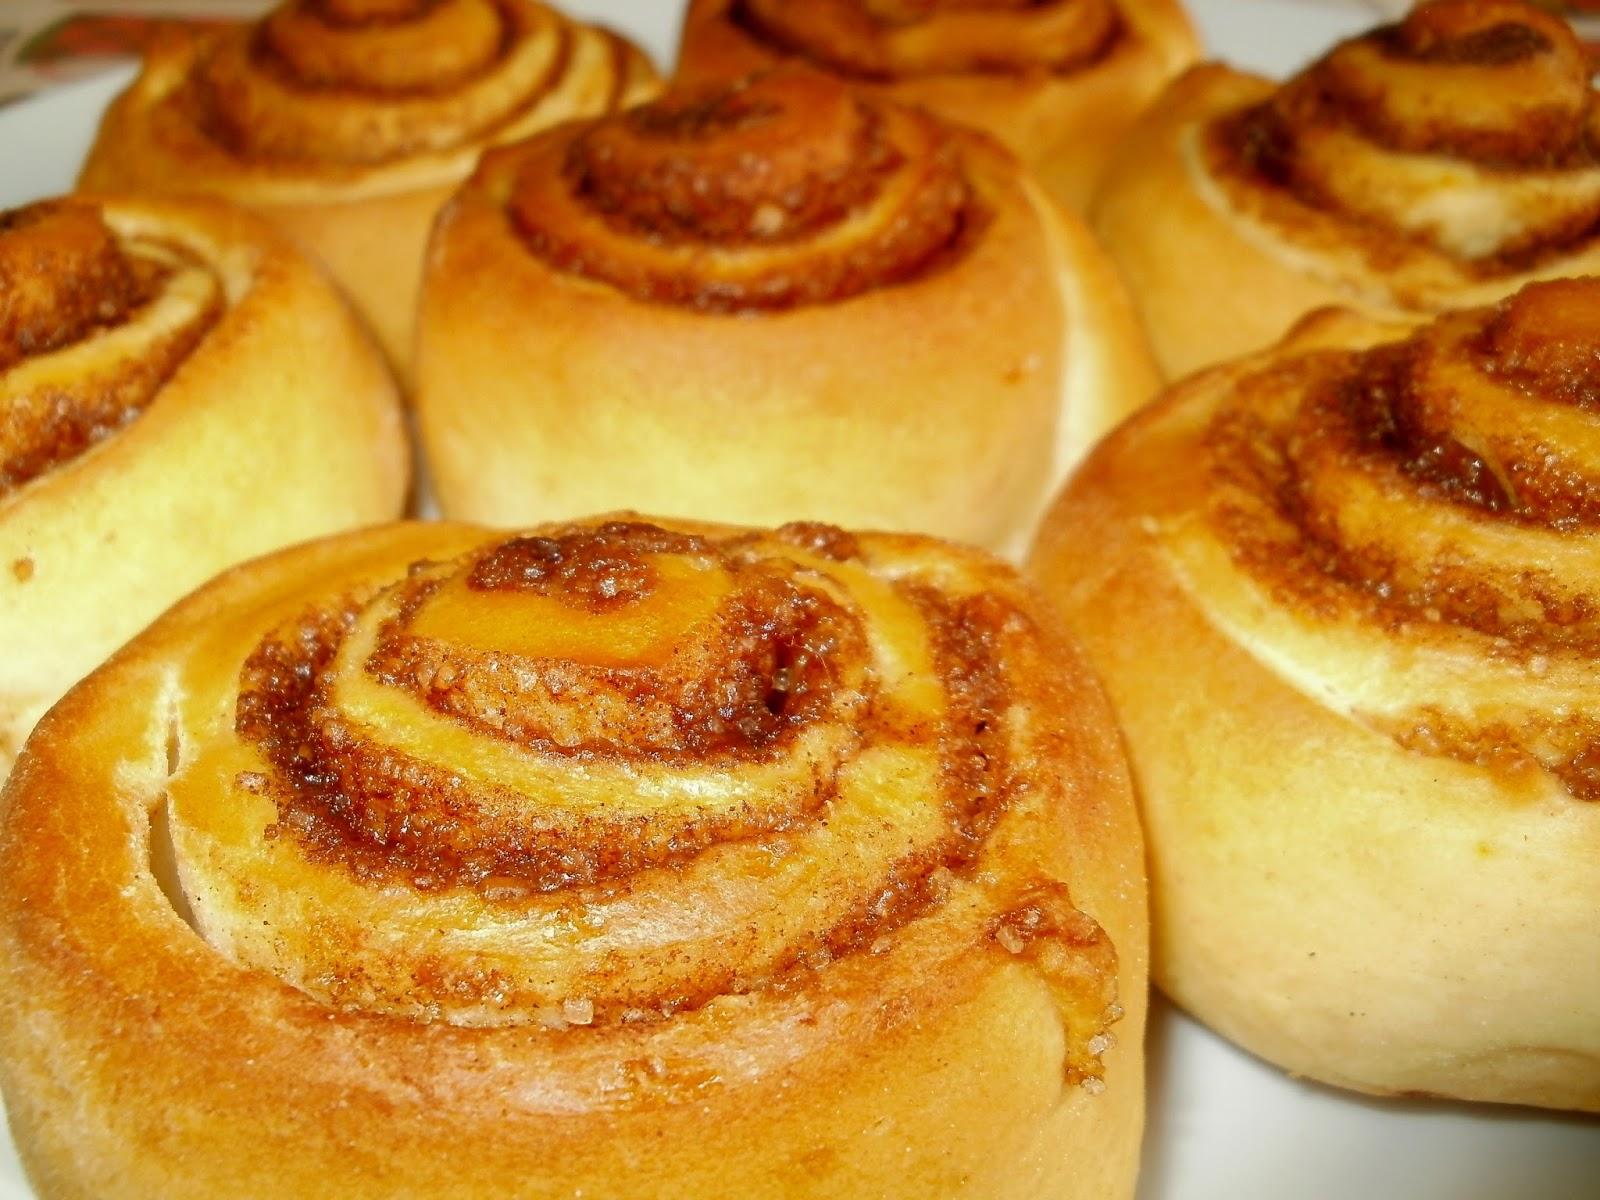 Rollos de canela o cinnamon rolls